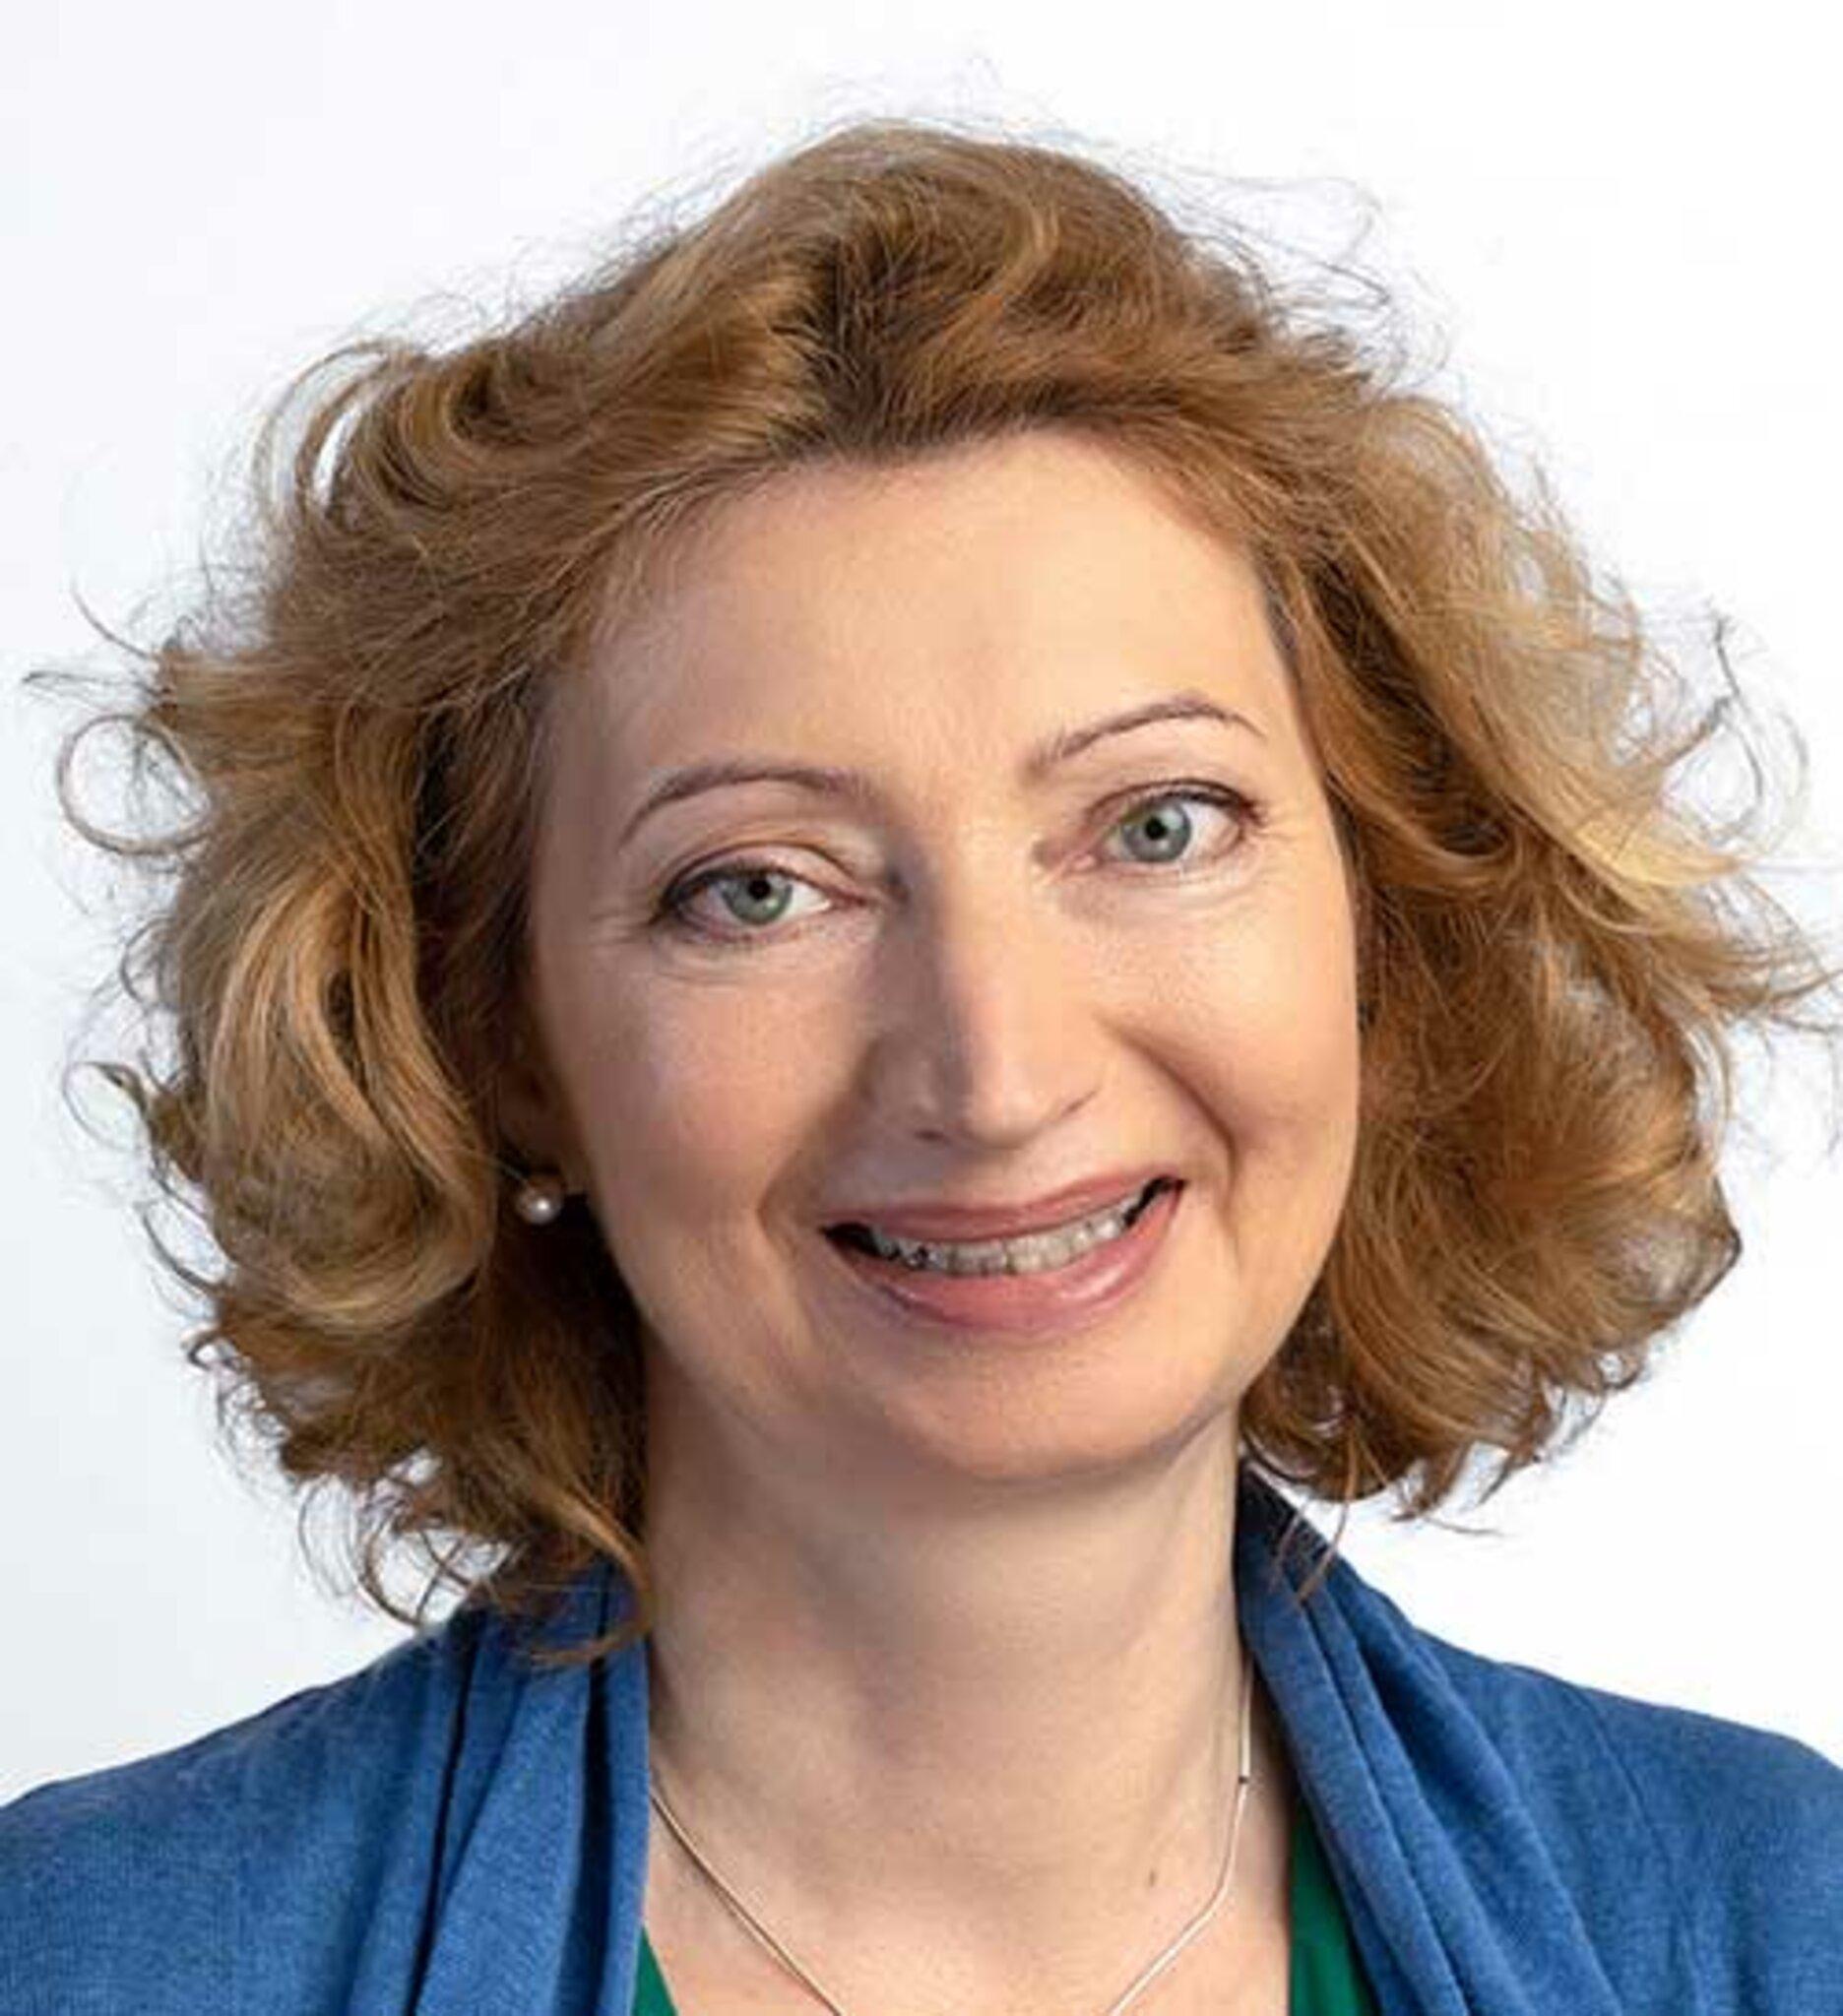 Antonia Keßelring